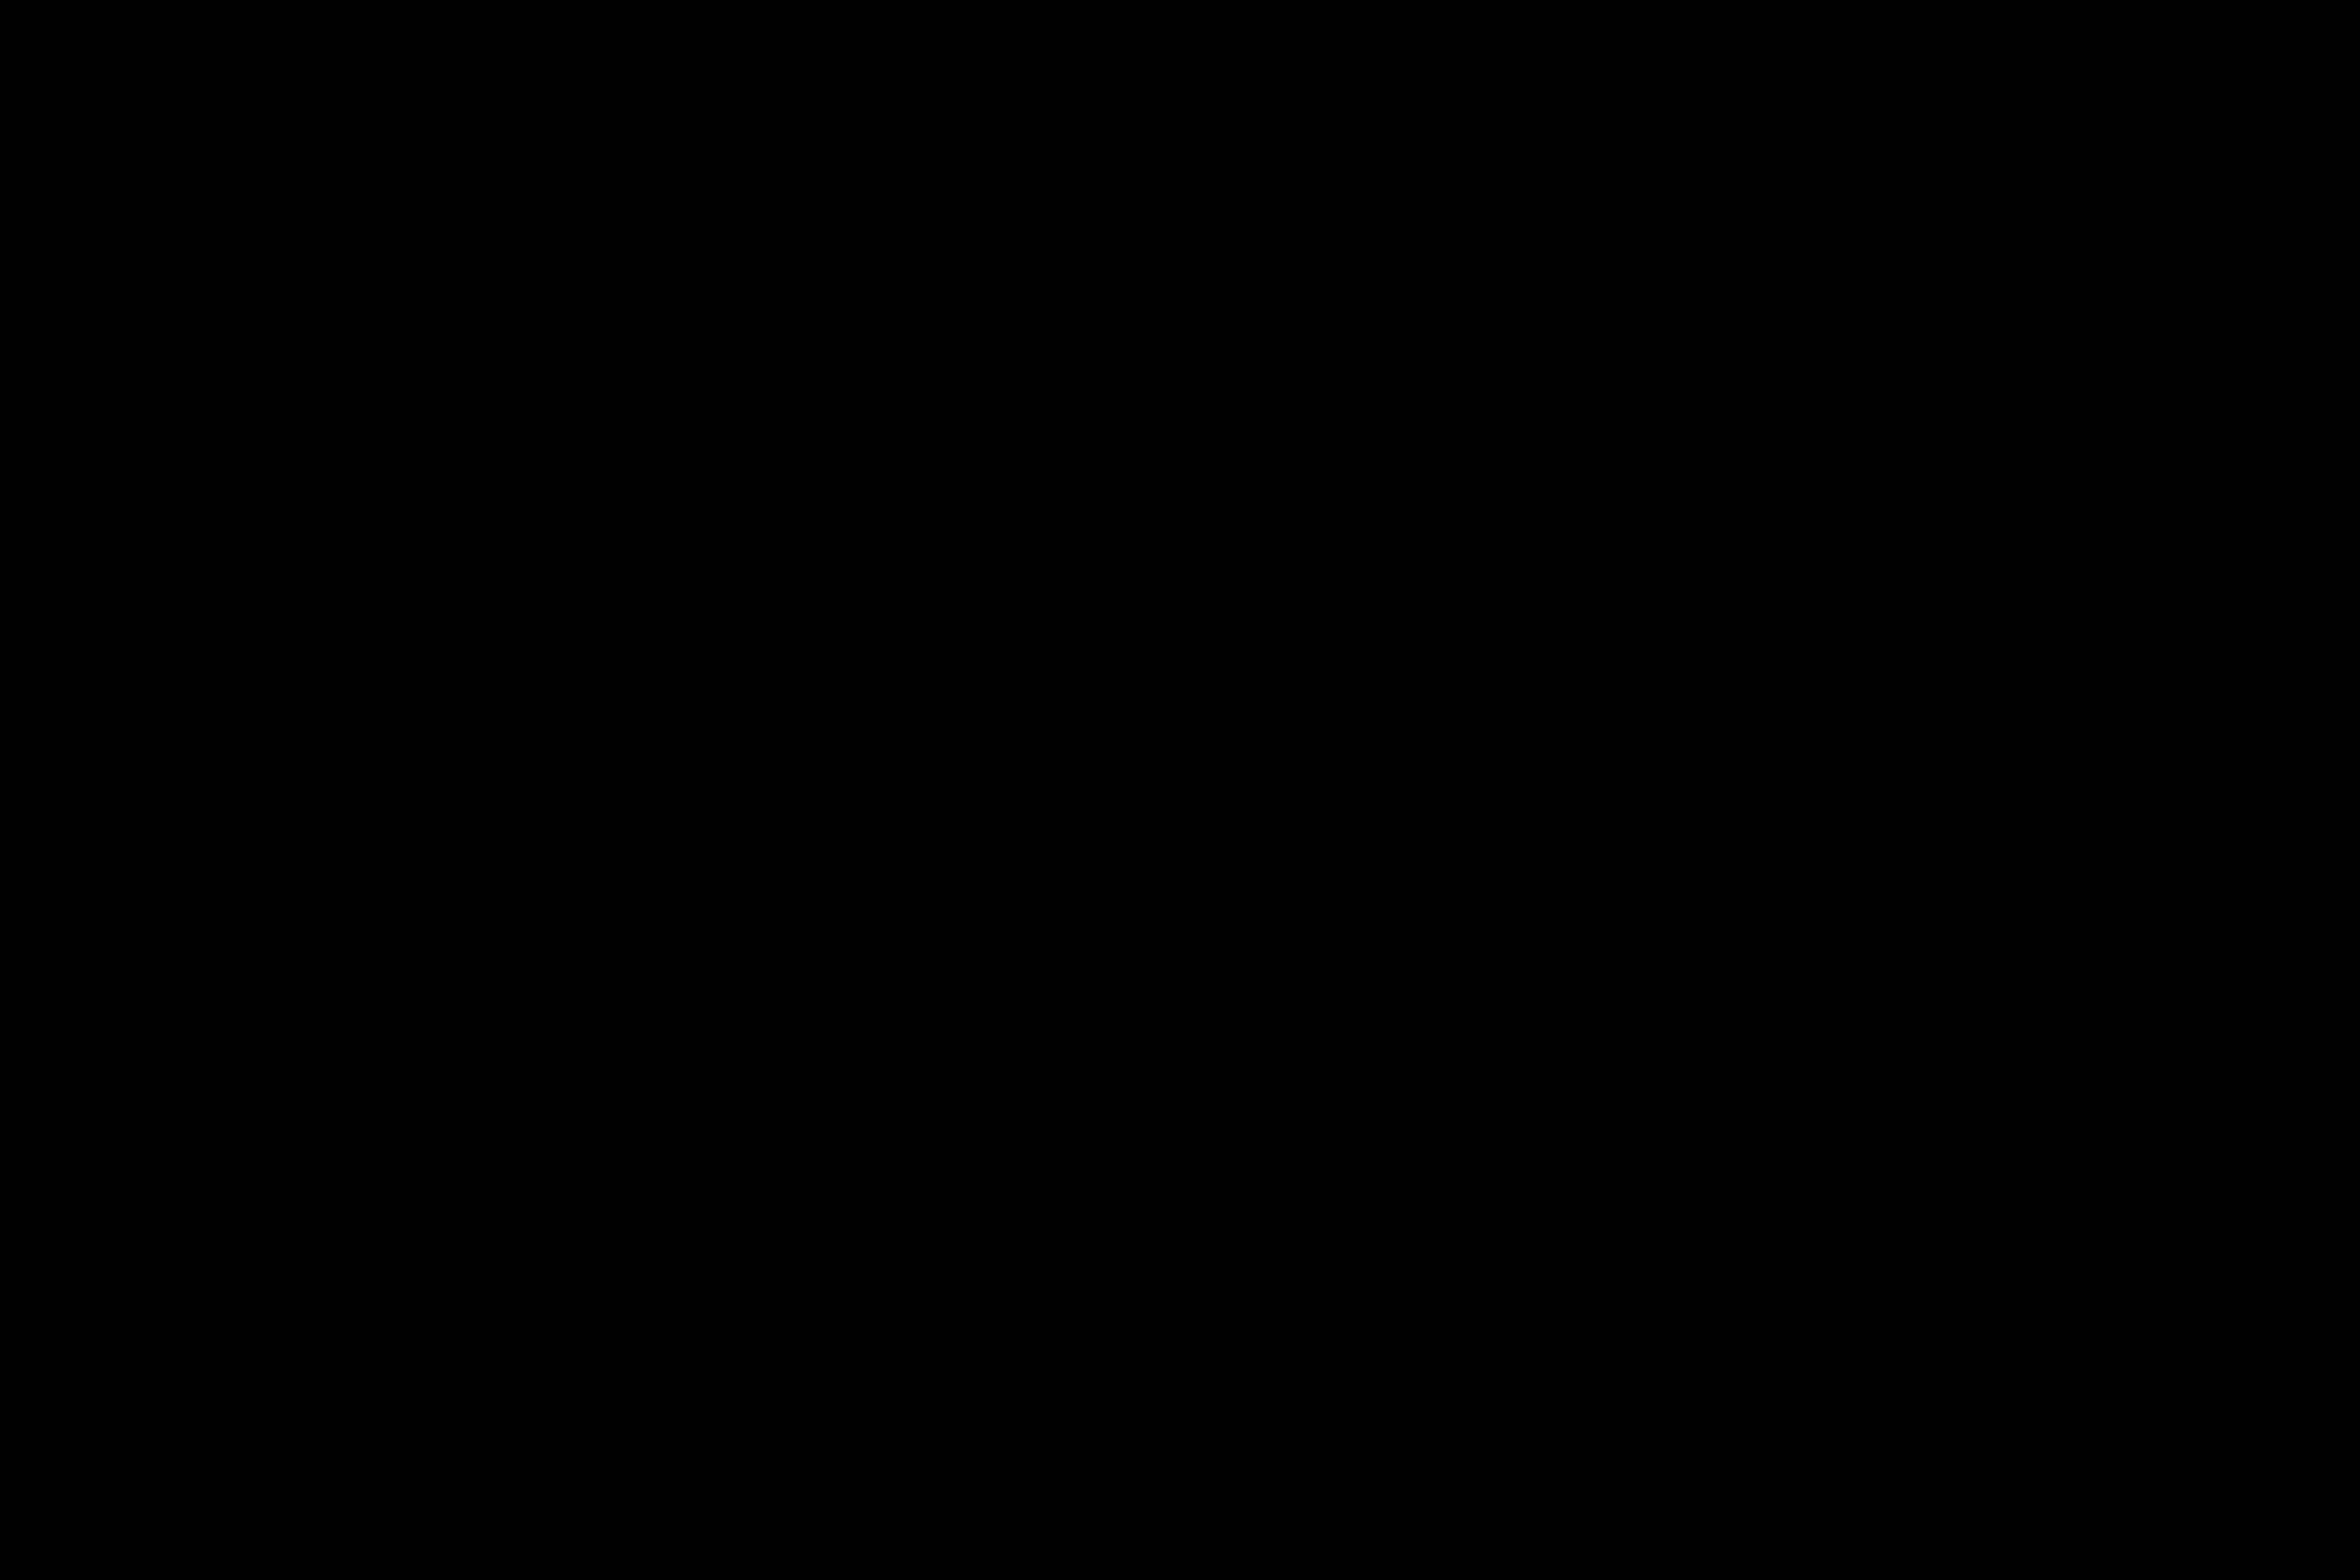 Capstone project la bella vita hotel and spa by steven for La bella vita salon